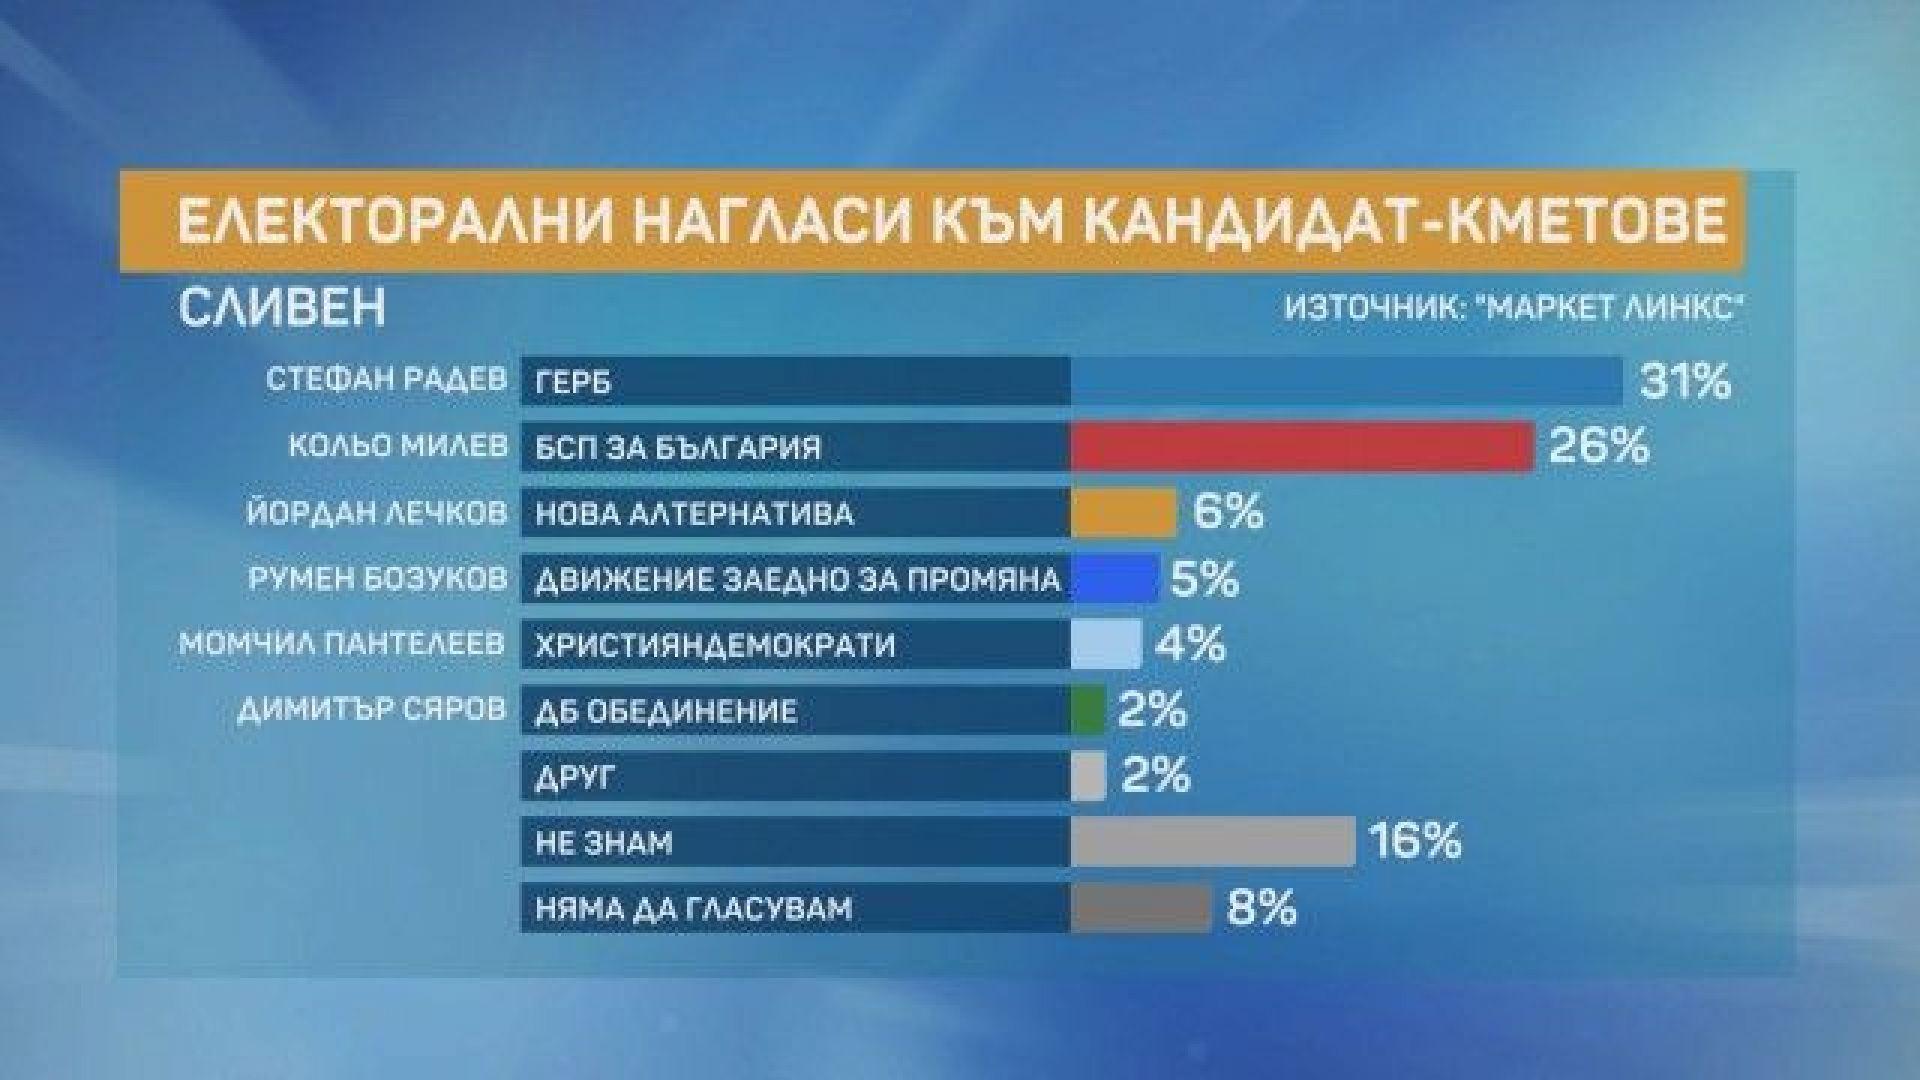 """""""Маркет Линкс"""": Малка разлика между кандидатите на ГЕРБ и БСП в Сливен"""